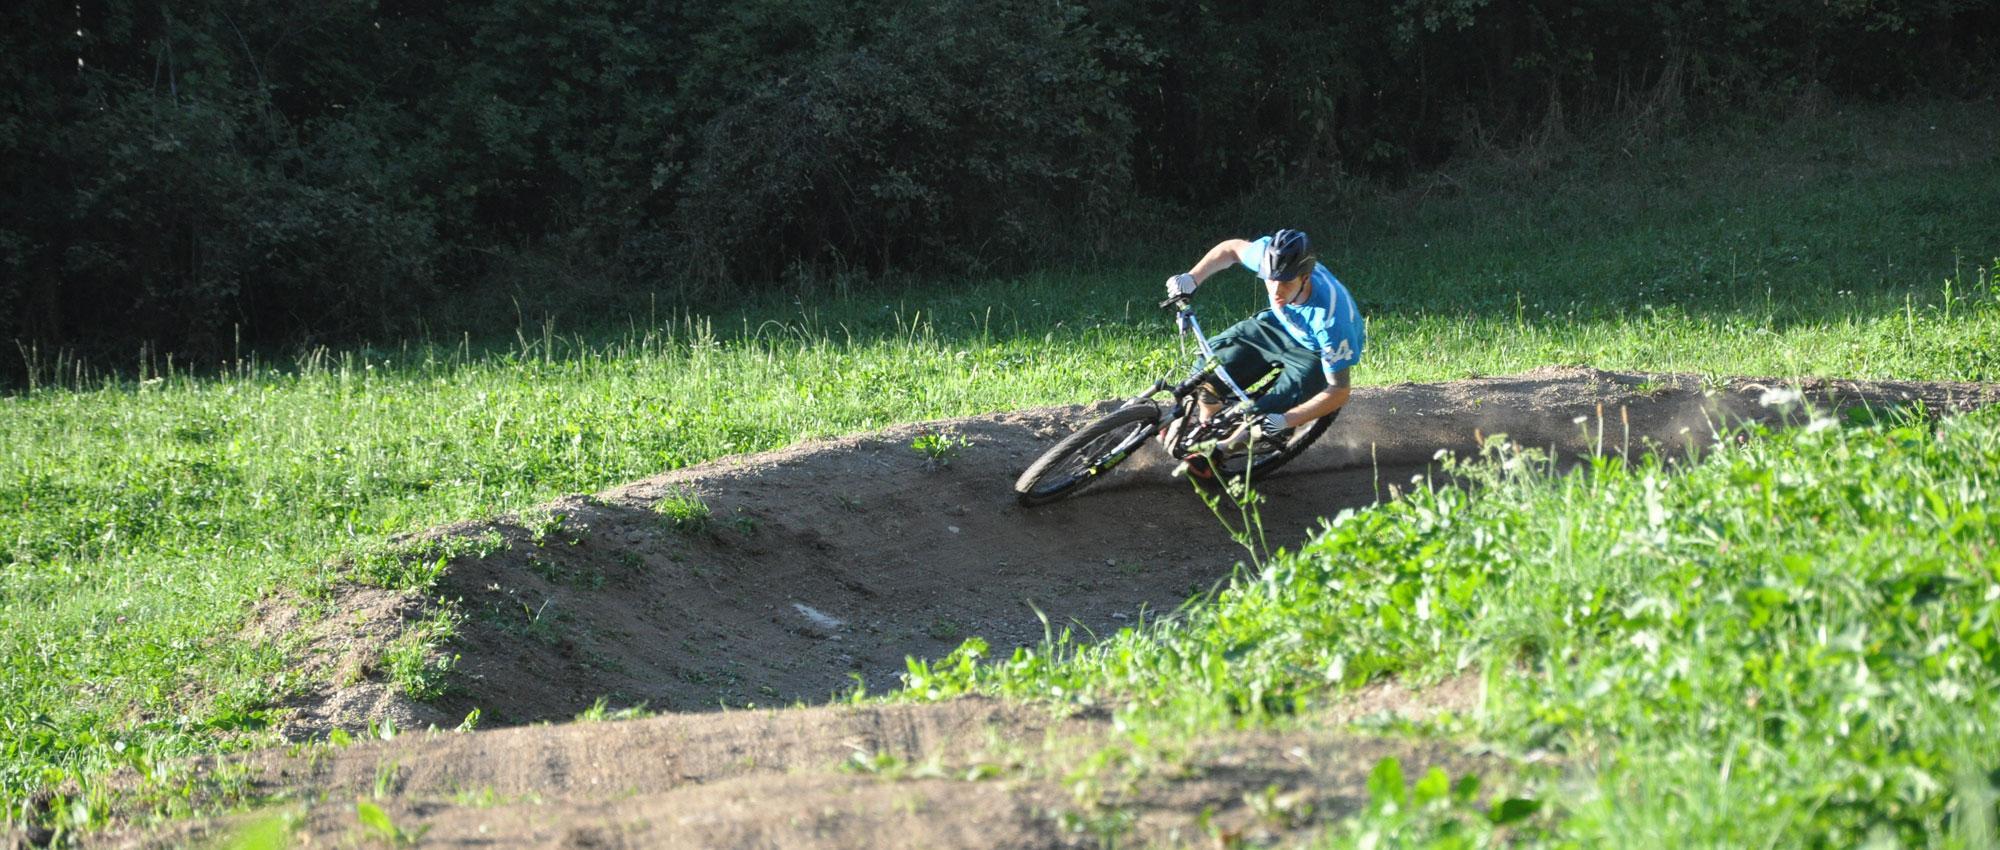 Biker downhill im Übungstrail.jpg